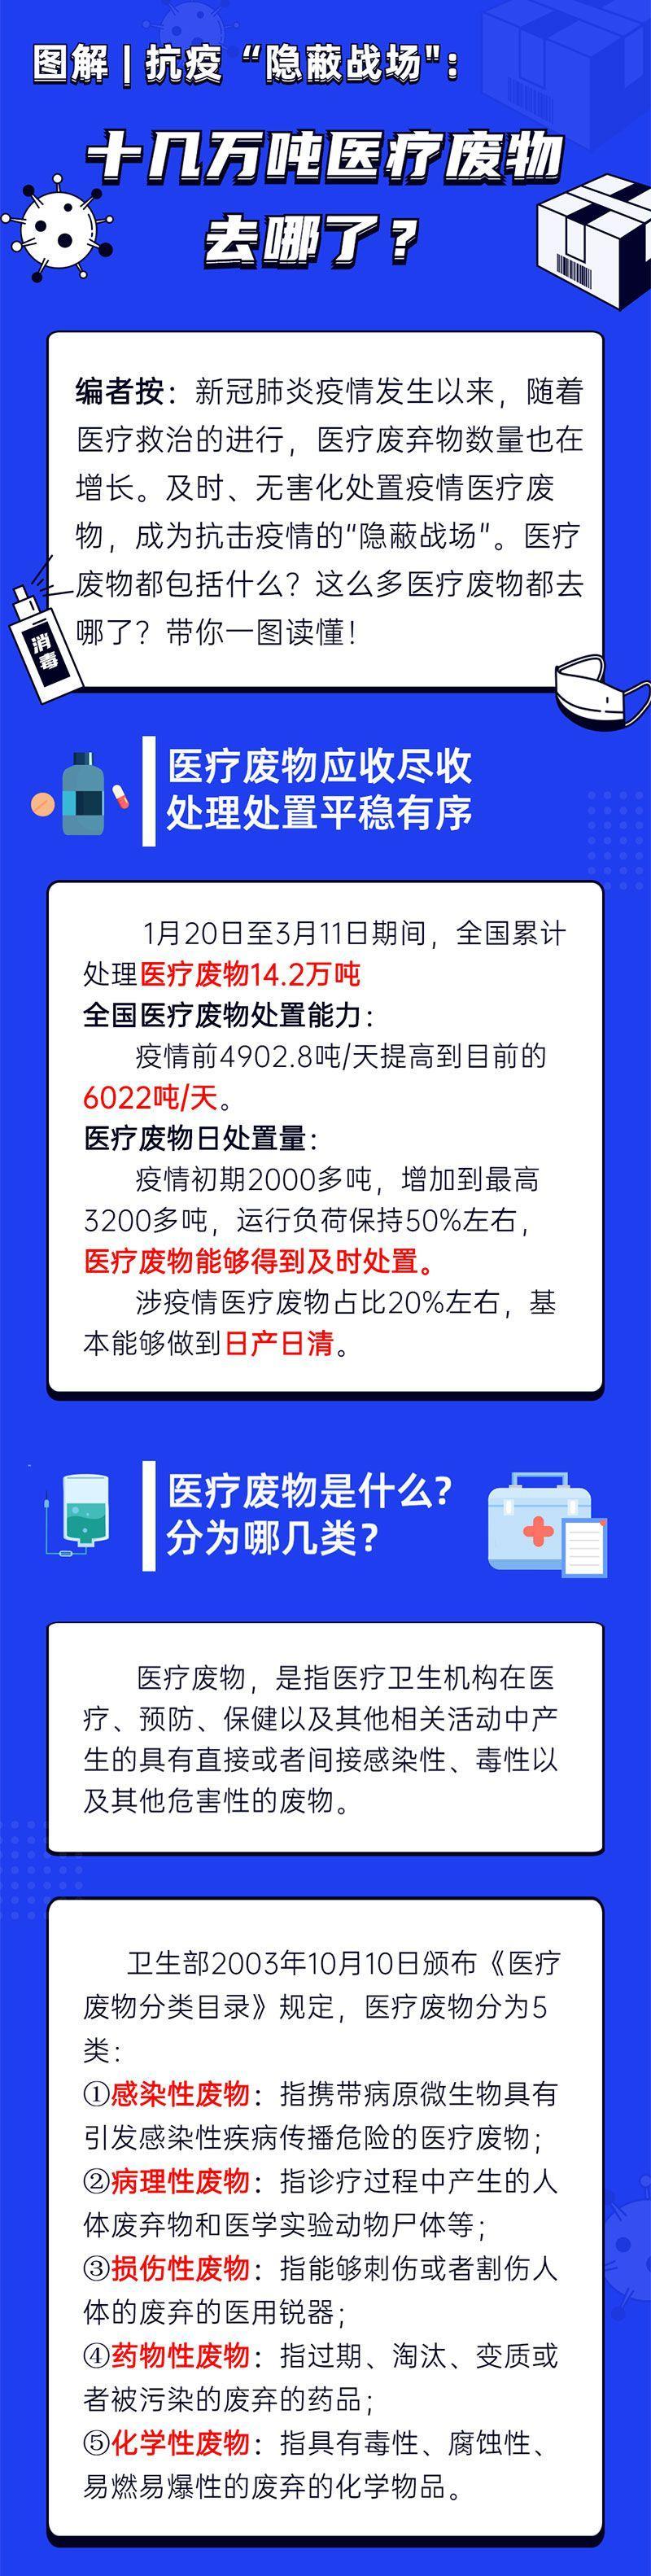 """【图解】抗疫""""隐蔽战场"""":十几万吨医疗废物去哪了?"""